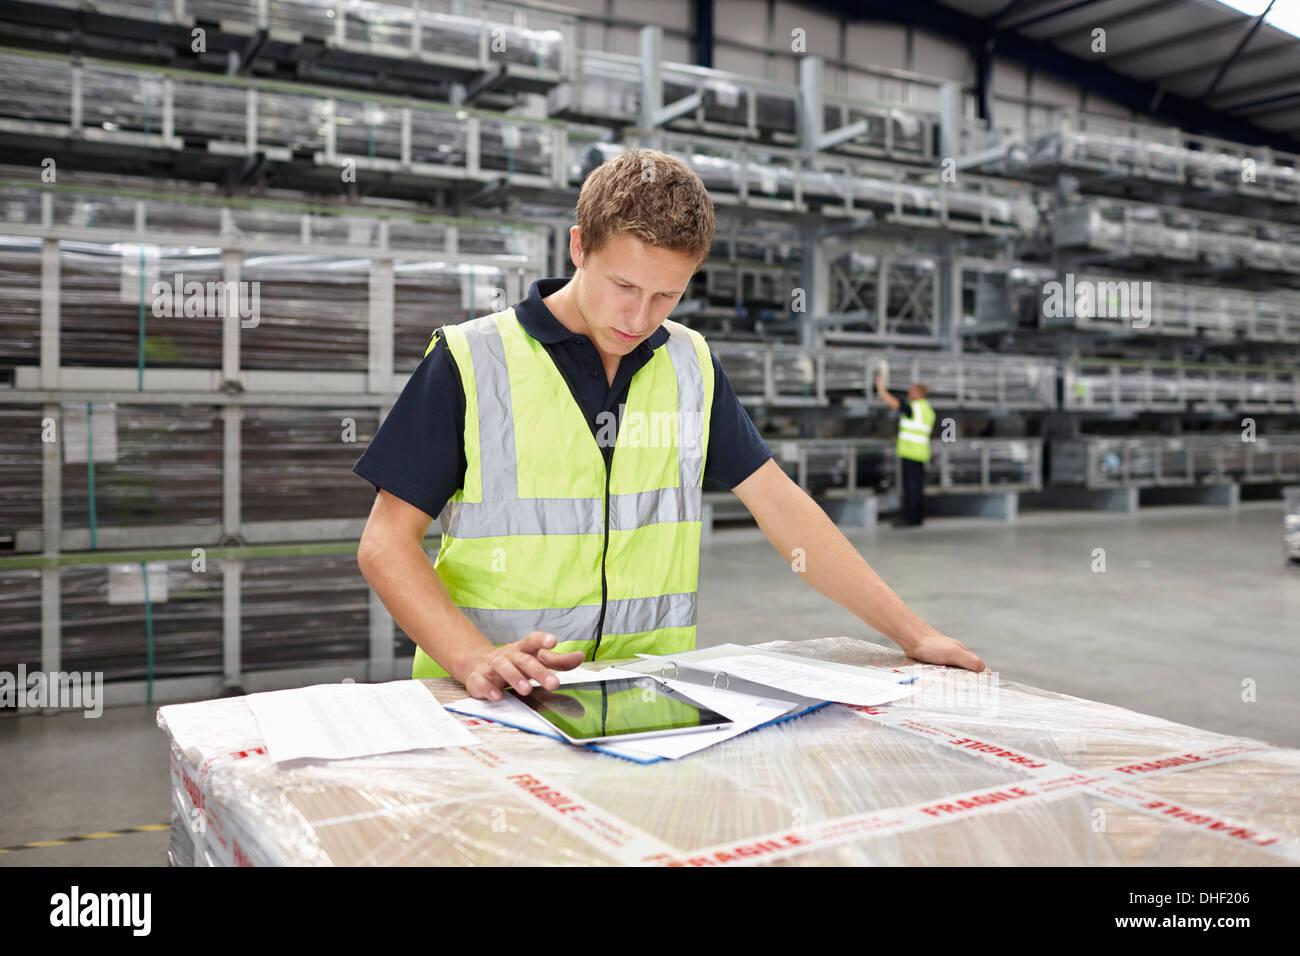 Warehouse worker preparing order in engineering warehouse - Stock Image